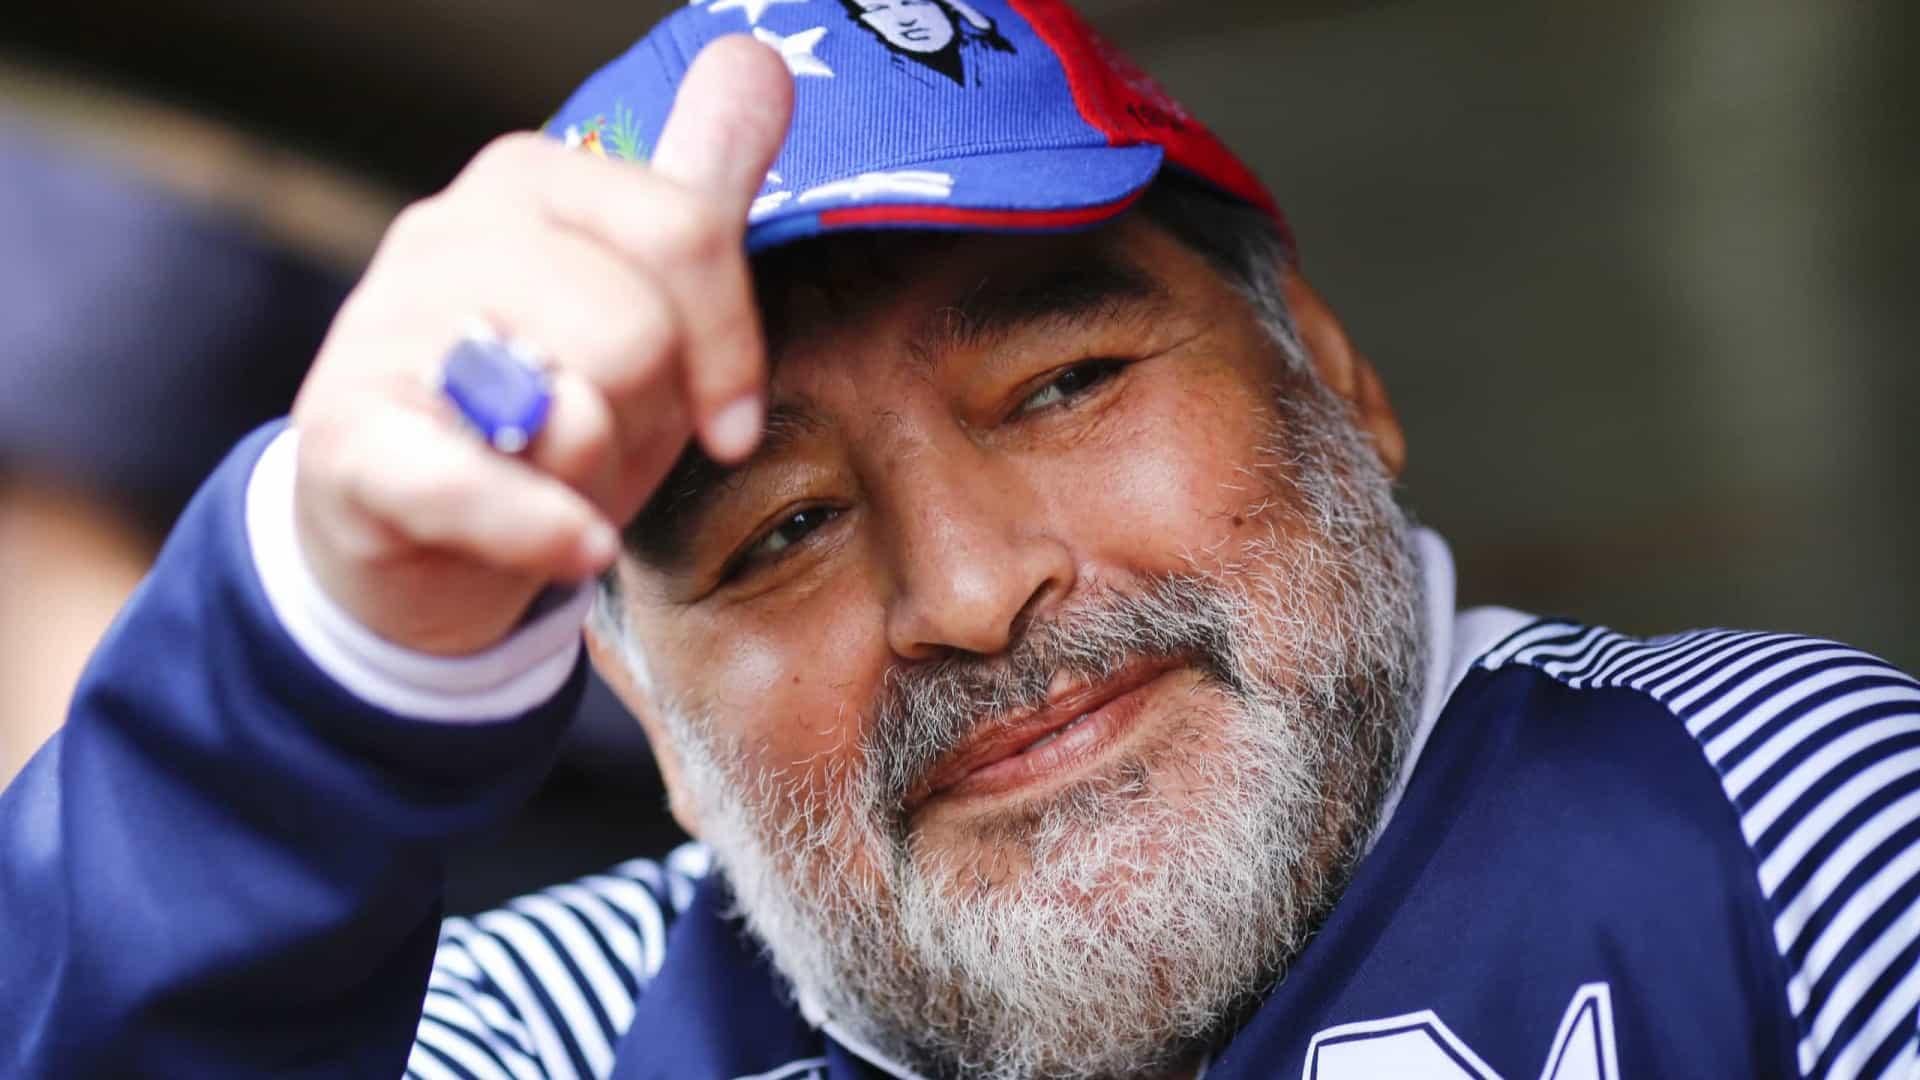 naom 5fc79880eaaa6 1 - Relatório indica que Maradona morreu 'abandonado à própria sorte'